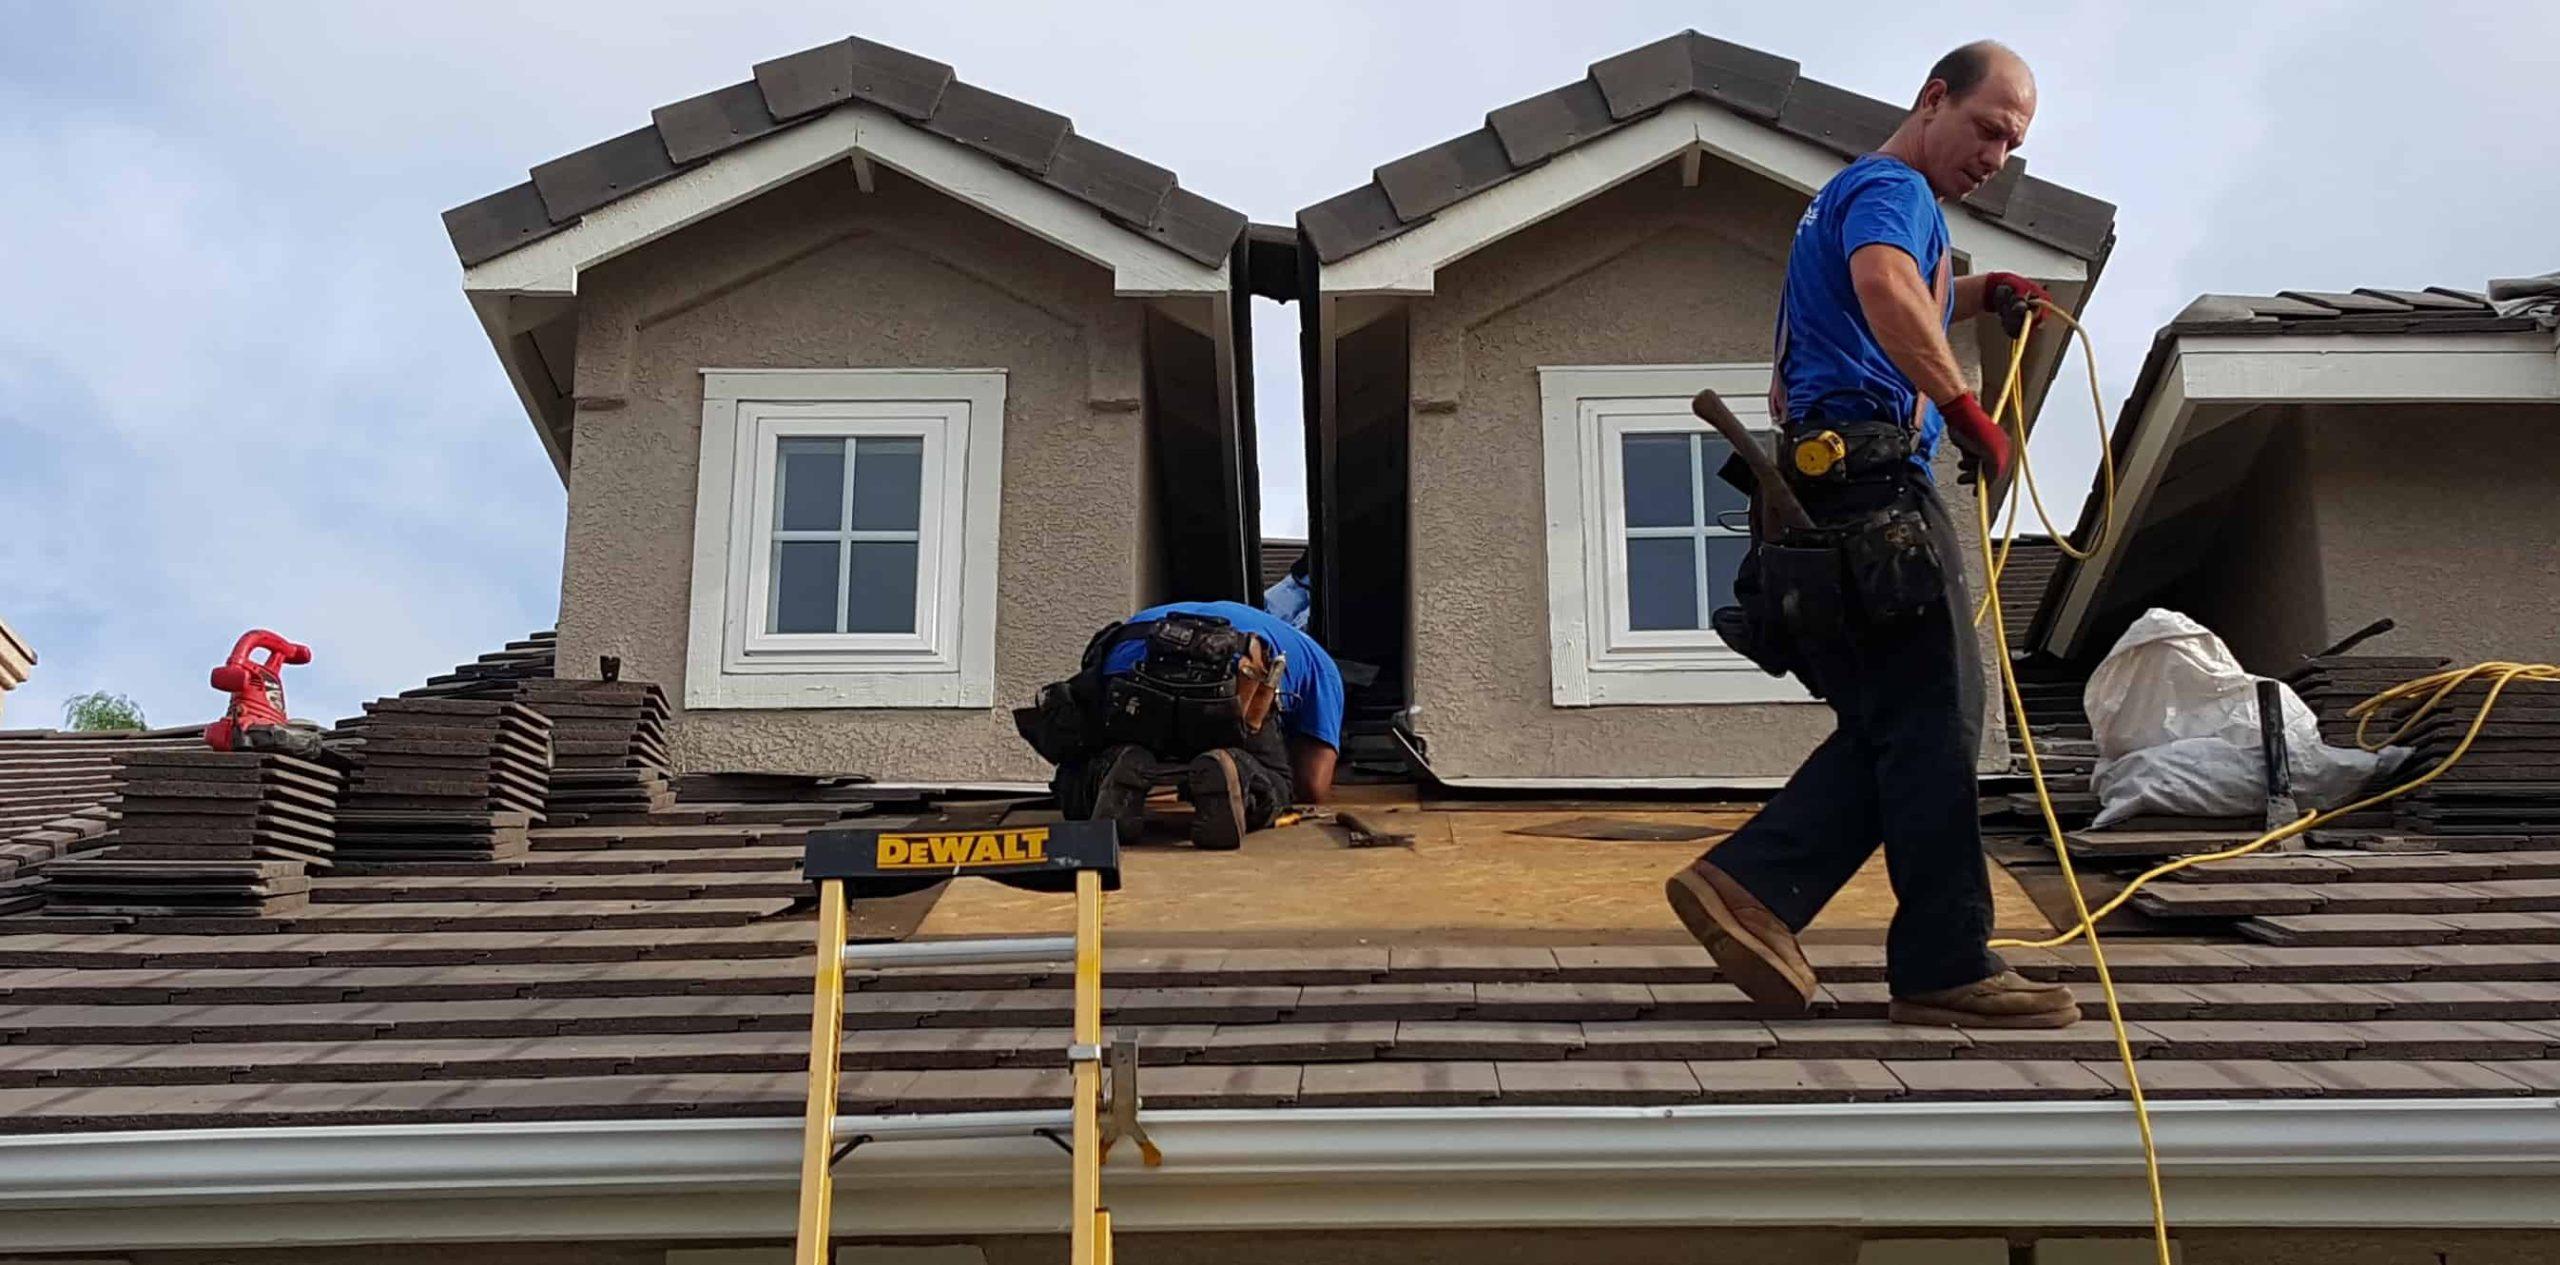 Roofer job in The Netherlands